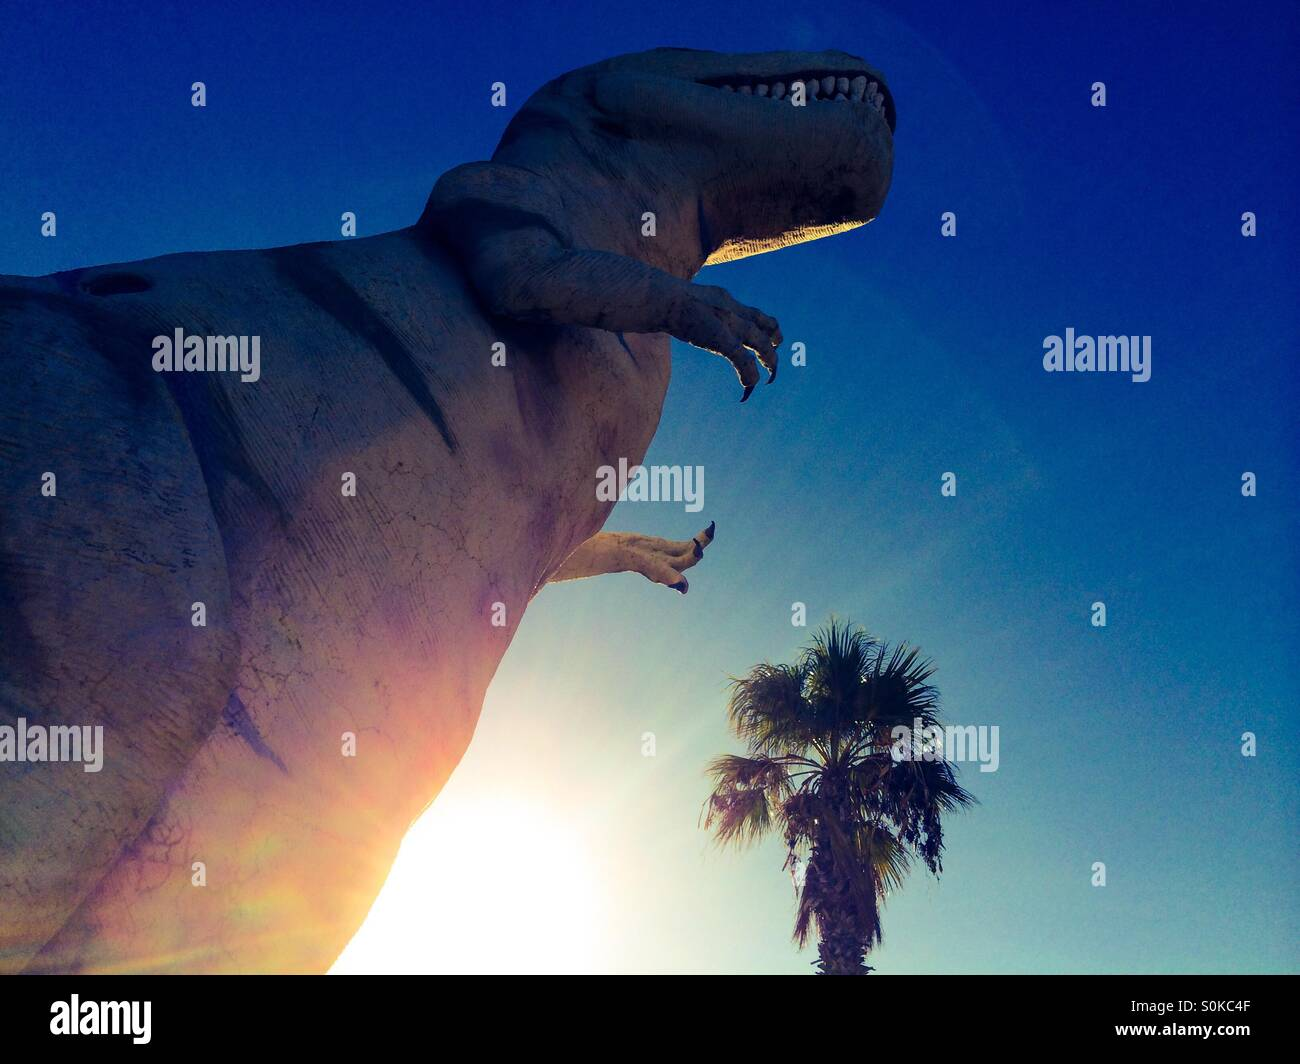 T Rex dinosauro attrazione sul ciglio della strada lungo la statale a Cabazon, California vicino a Palm Springs. Immagini Stock